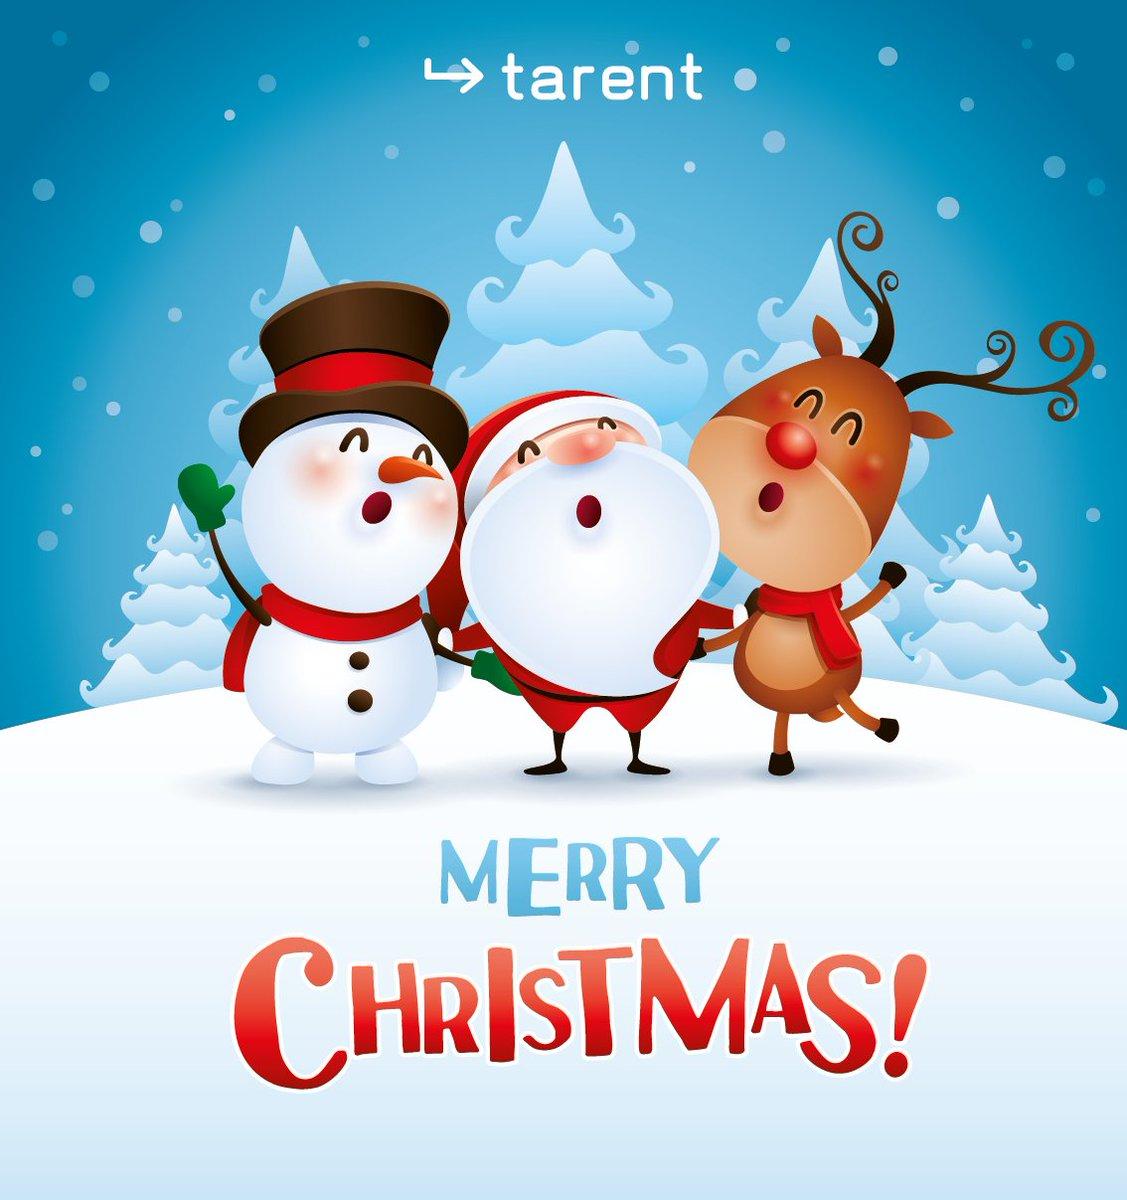 Wir Wünschen Euch Frohe Und Besinnliche Weihnachten.Tarent On Twitter Wir Wünschen Euch Frohe Weihnachten Und